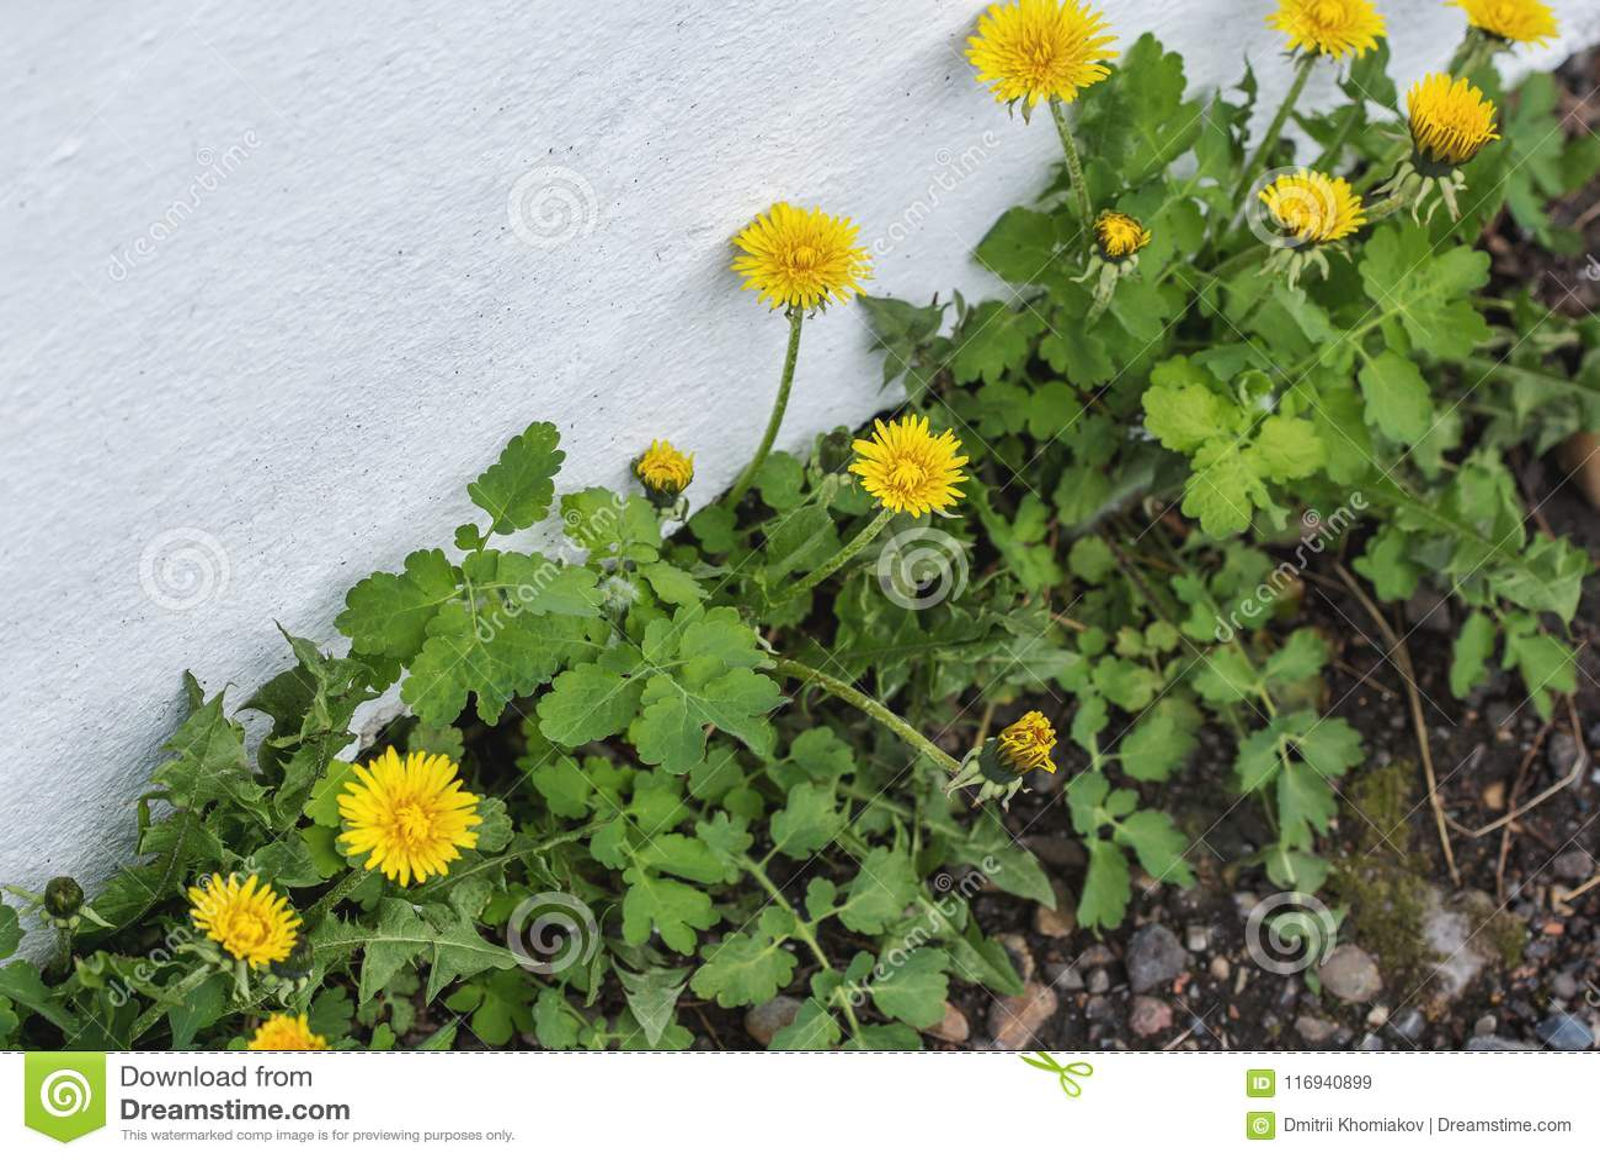 Blossoming одуванчик засаживает расти в отказе стены